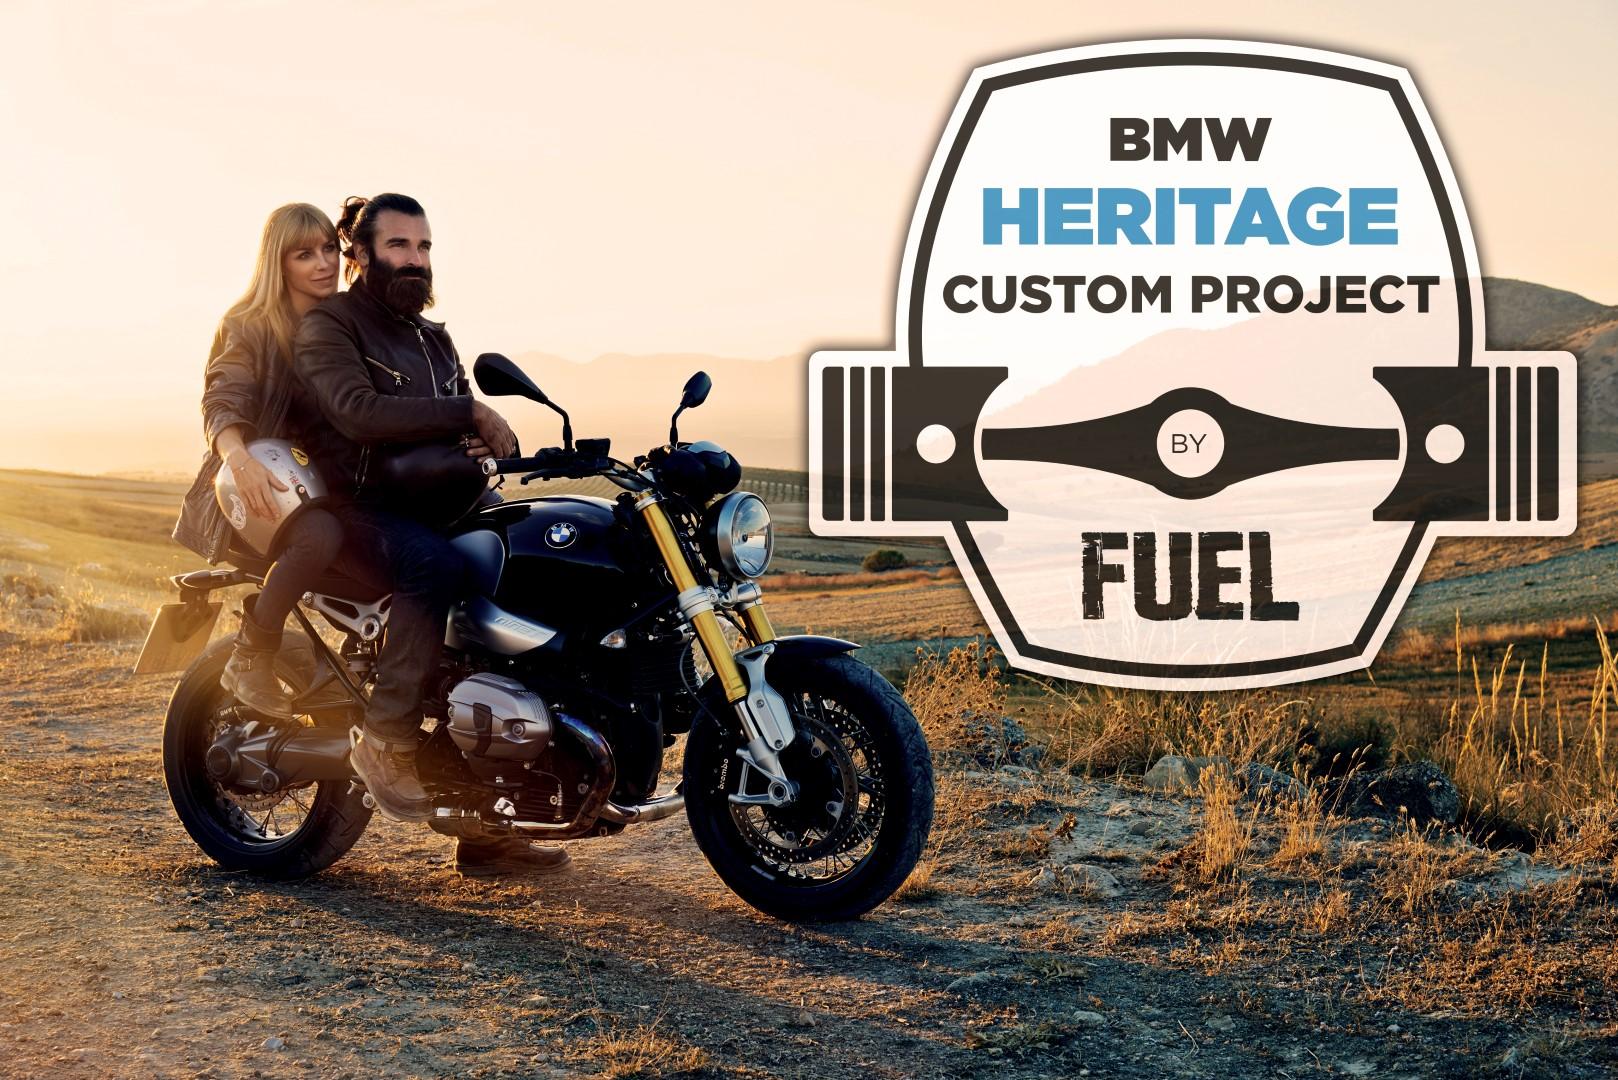 ¡El concurso BMW Heritage Custom Project está de vuelta!